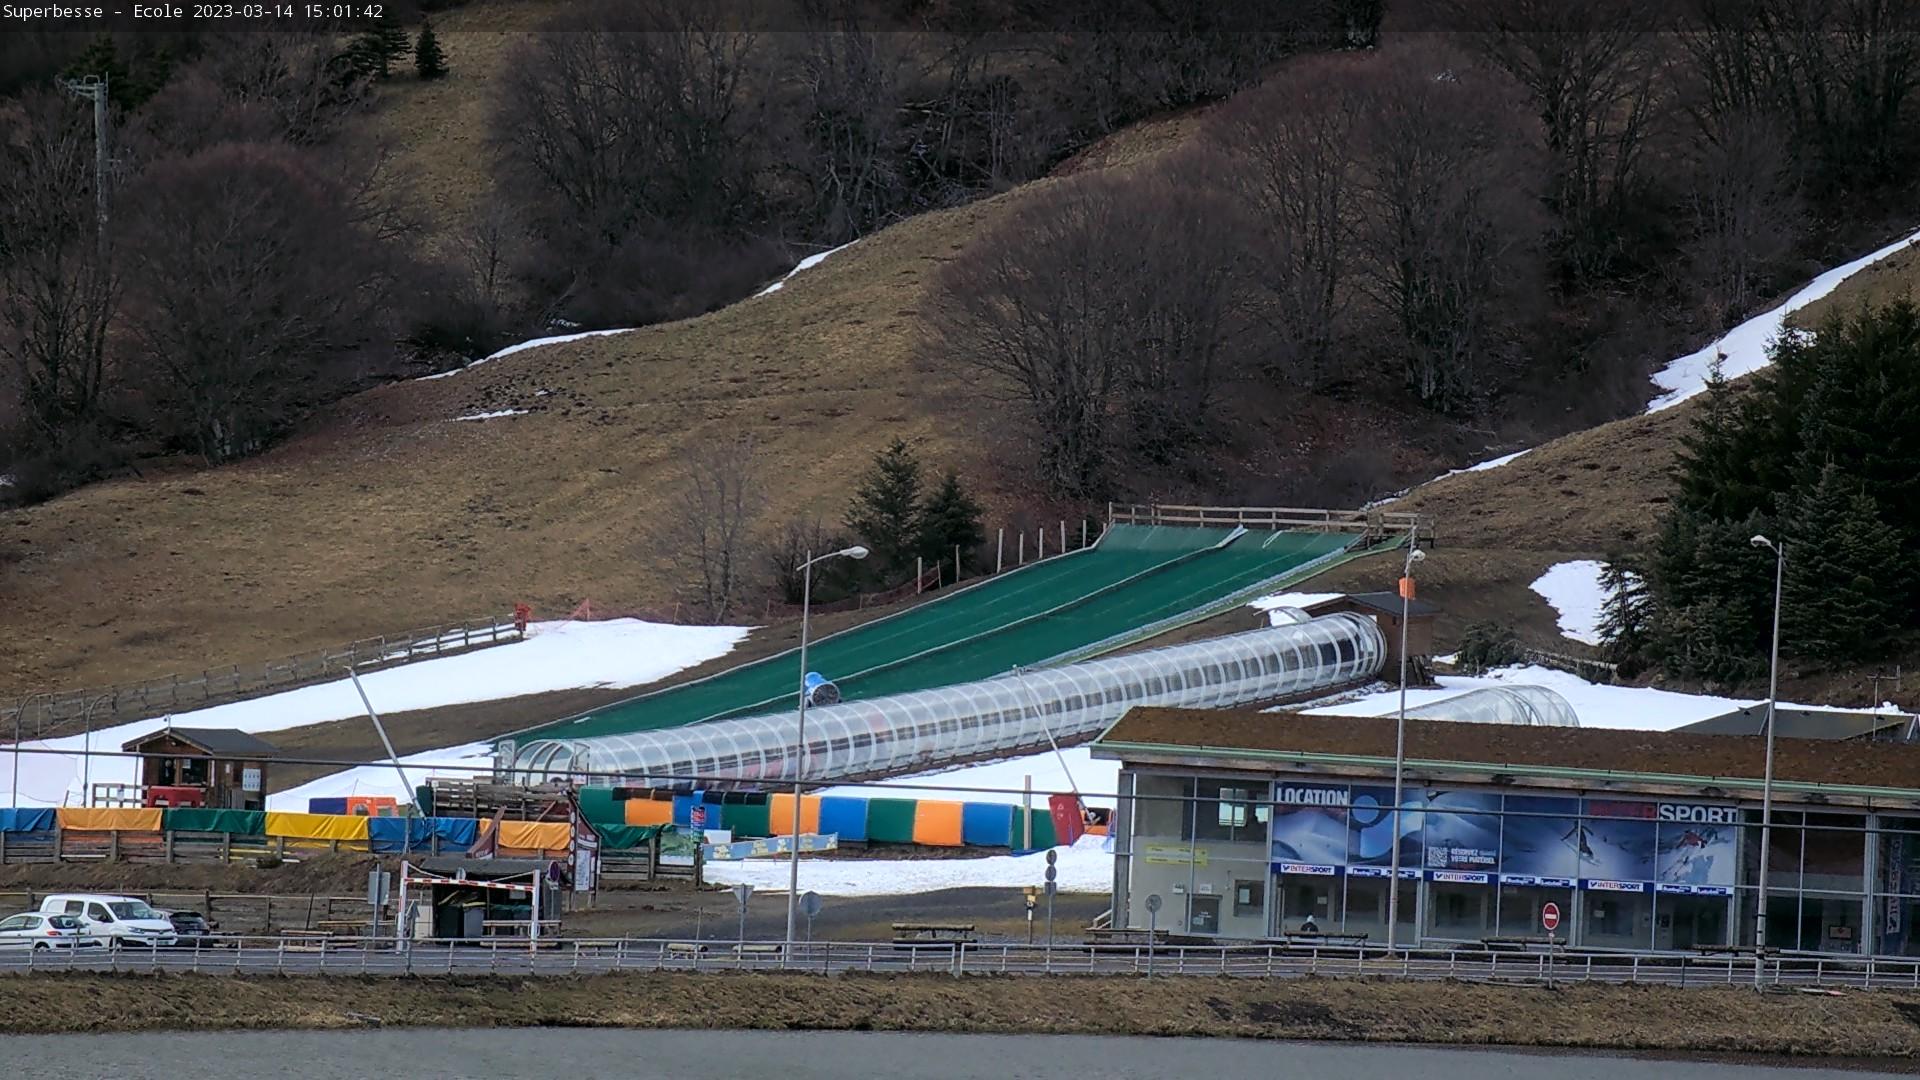 webcam classique Besse Super Besse - cliquez pour voir la webcam